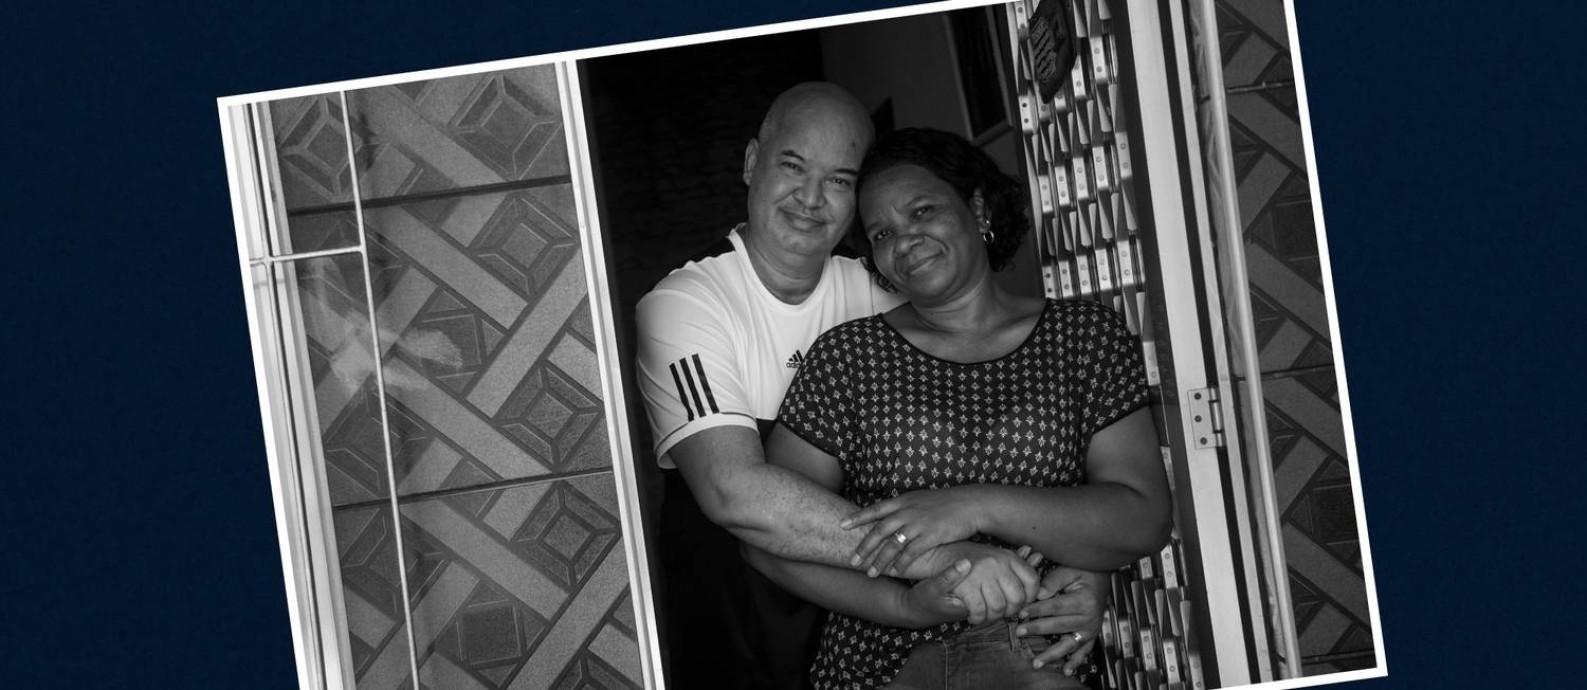 Tânia e Jorge estão juntos desde que ela tinha 11 anos e ele, 13 Foto: Arquivo pessoal